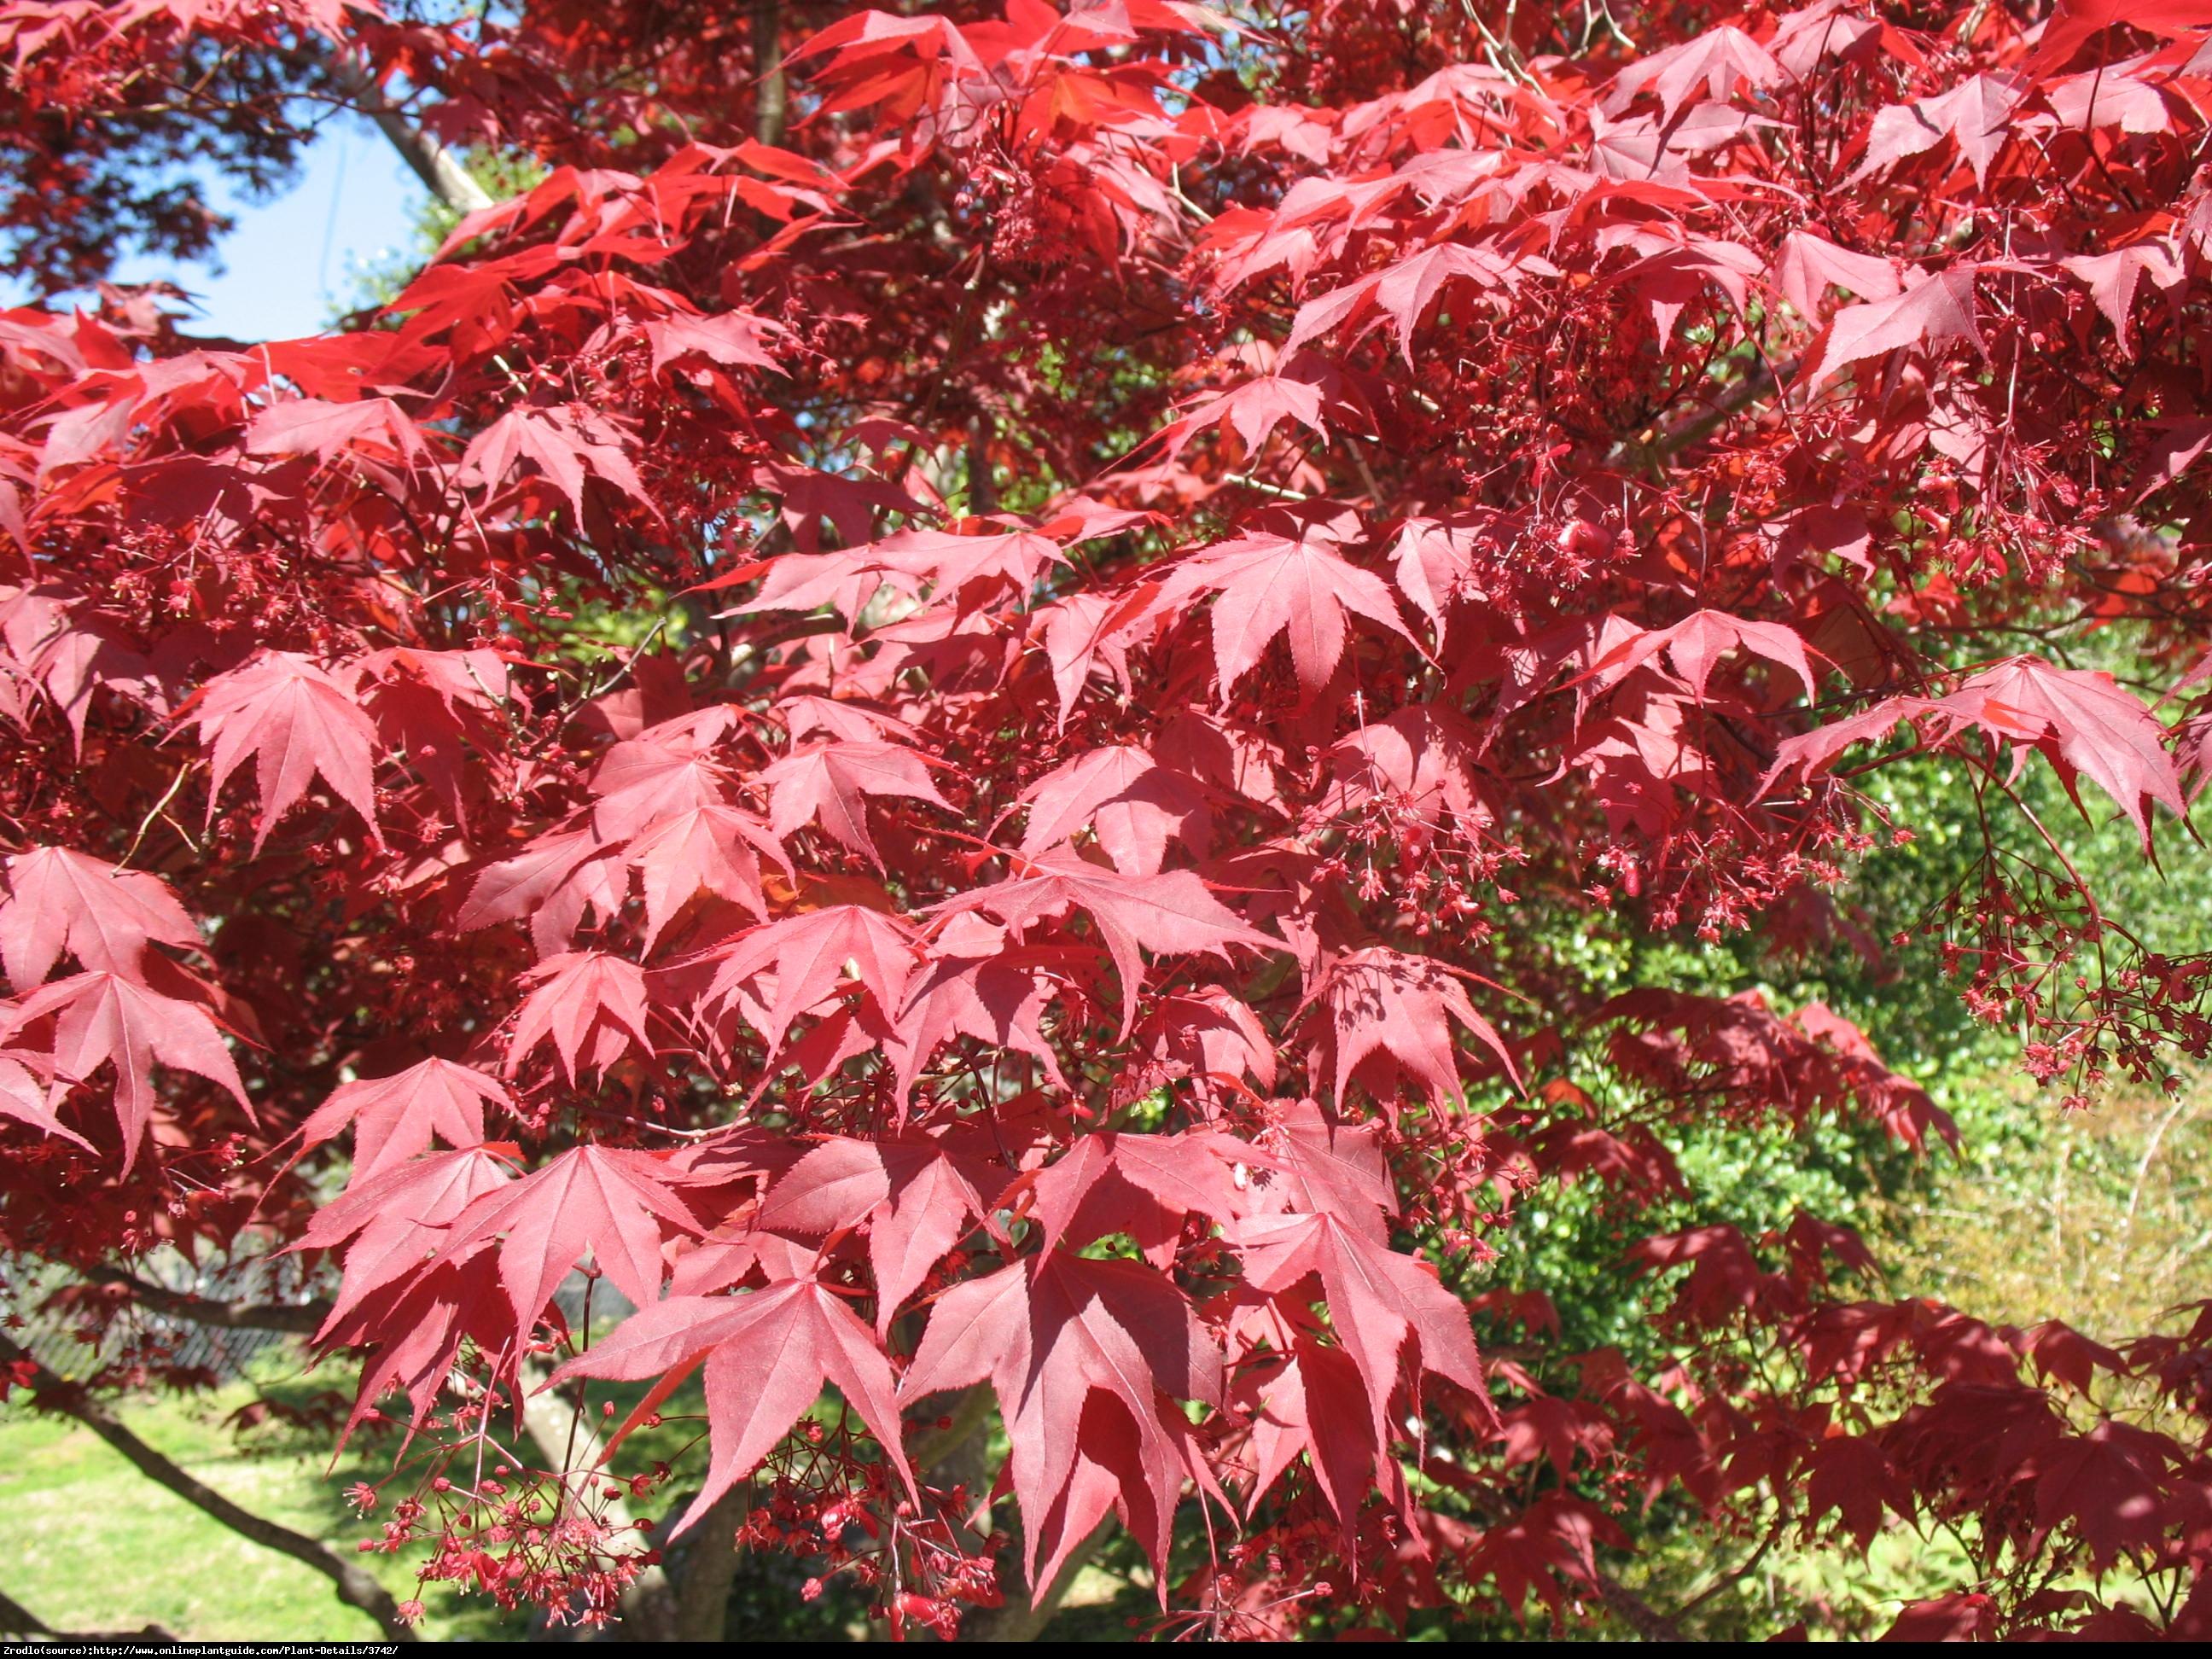 Klon palmowy Bloodgood - Acer pal.  Bloodgood